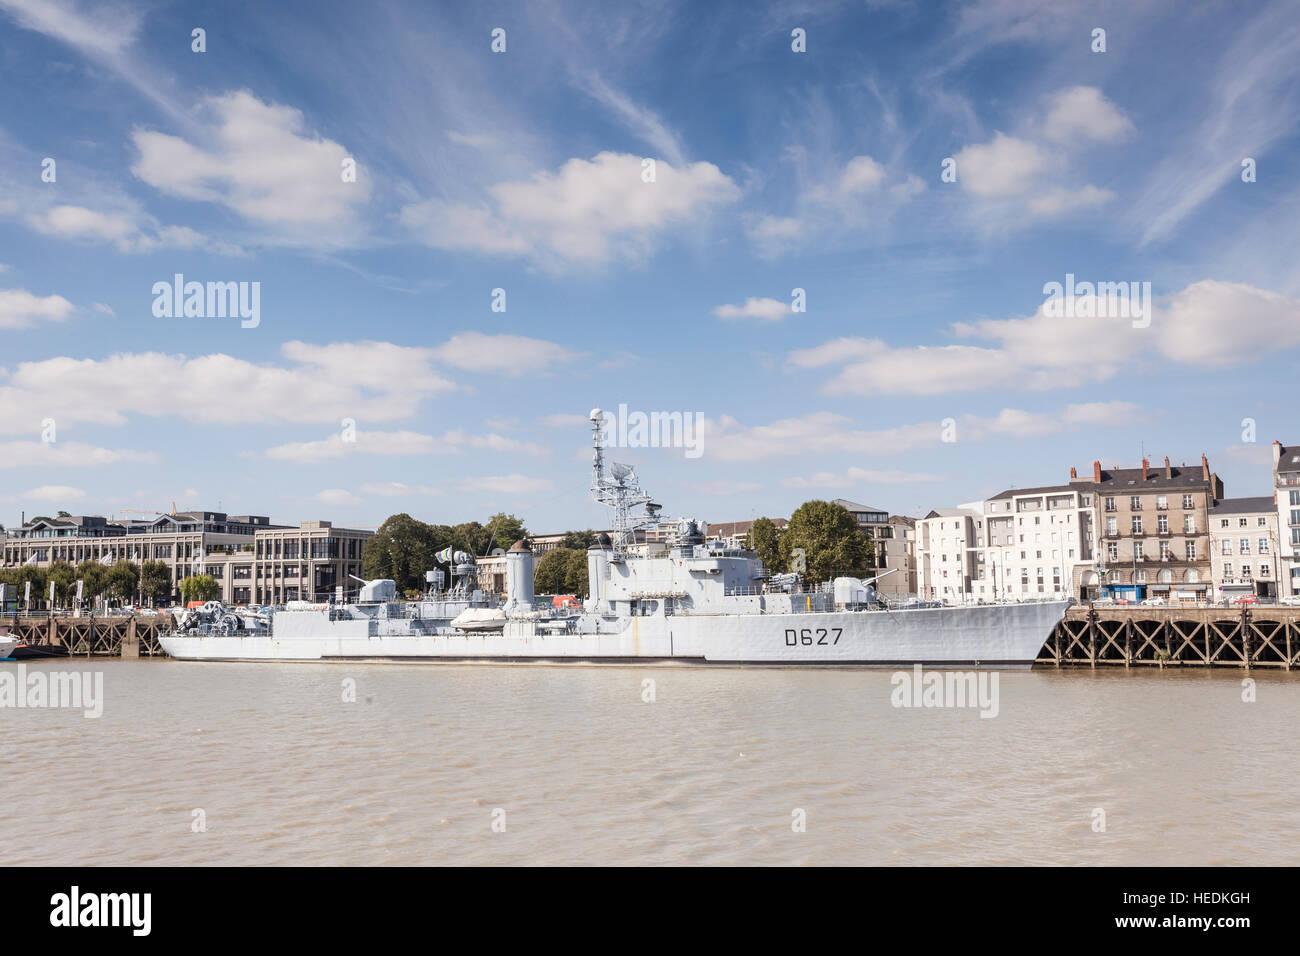 Ein Marine-Schiff angedockt in Nantes, Frankreich. Stockbild